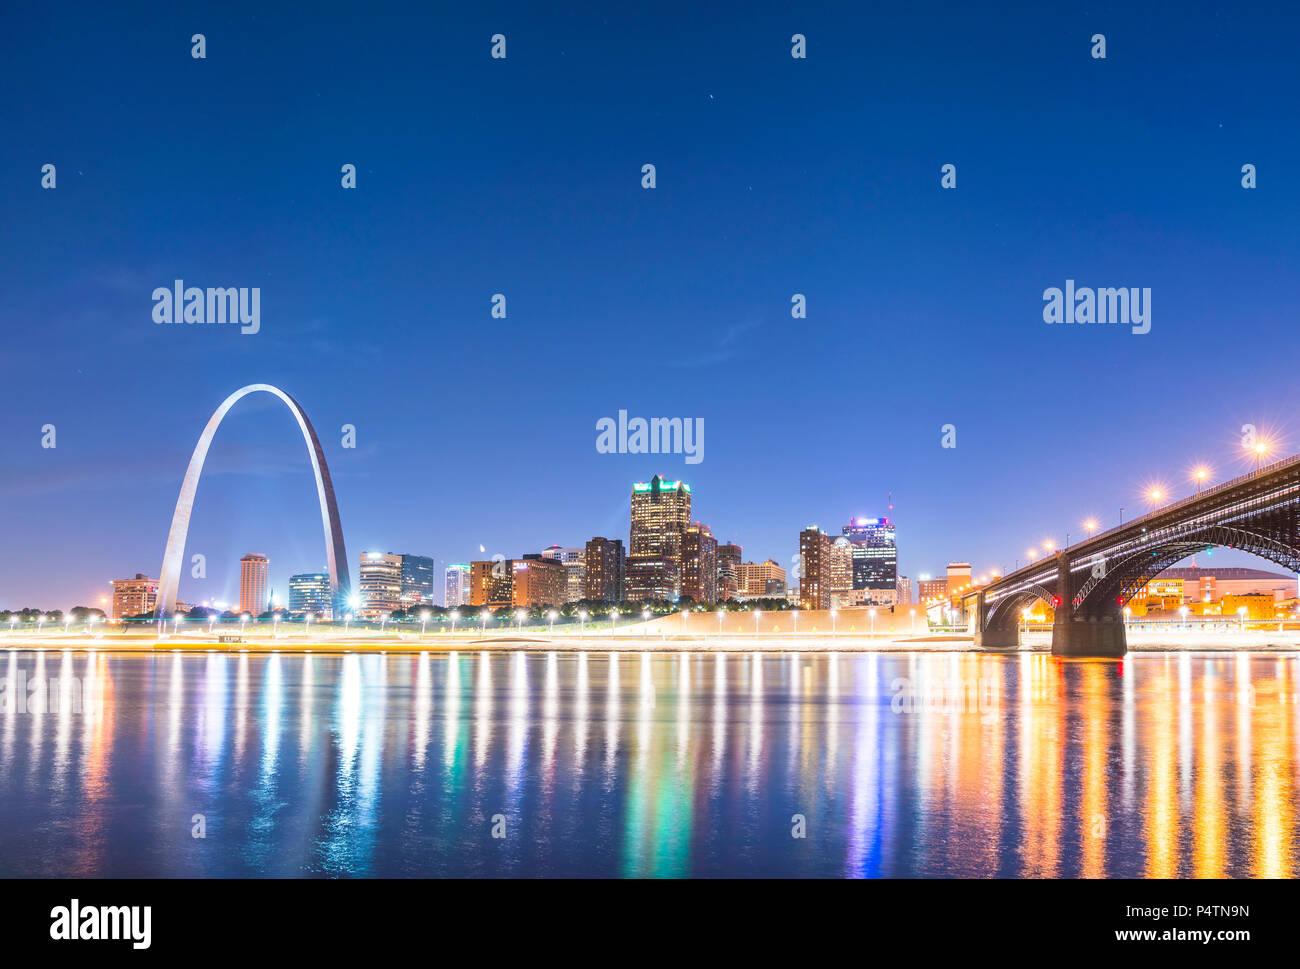 St. Louis gratte-ciel dans la nuit avec un reflet dans la rivière, st. Louis, Missouri, USA. Photo Stock